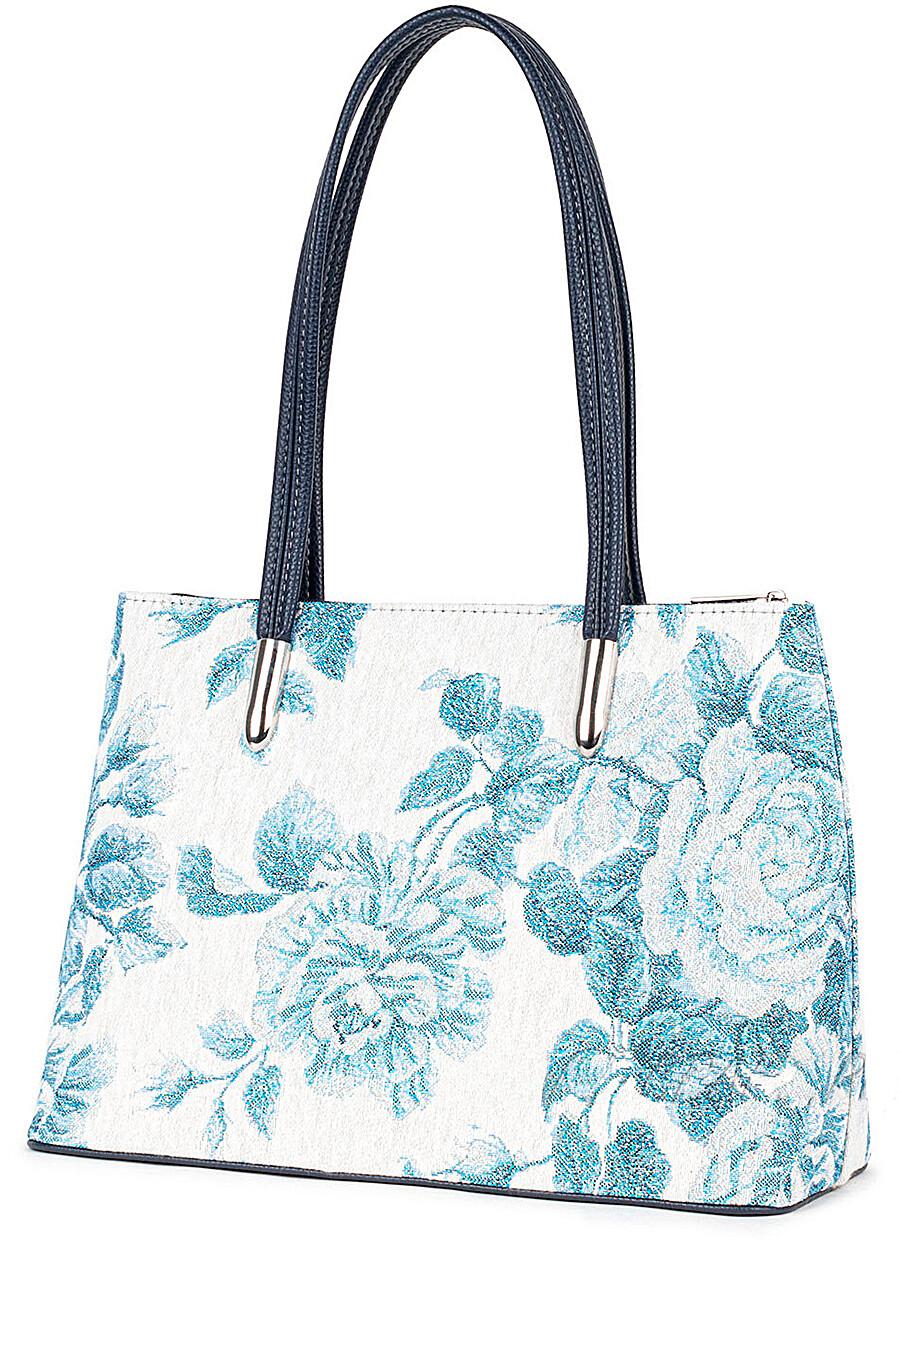 Сумка для женщин L-CRAFT 667998 купить оптом от производителя. Совместная покупка женской одежды в OptMoyo